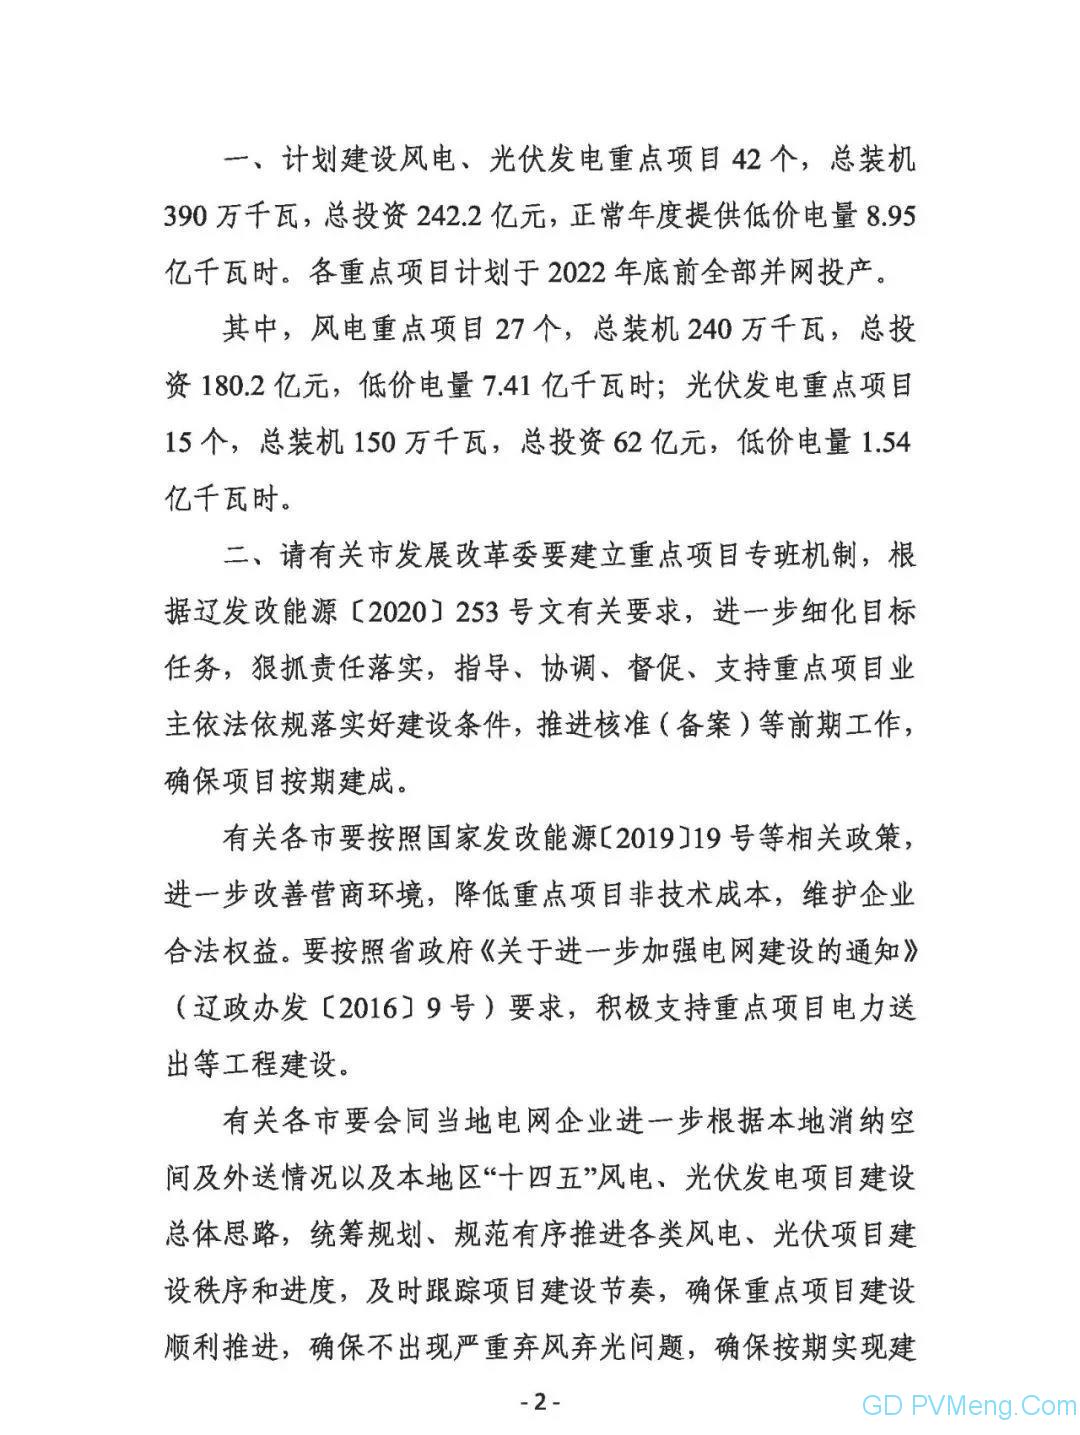 辽宁省关于印发风电、光伏发电重点项目建设计划的通知 (辽发改能源〔2020〕392号)20200724